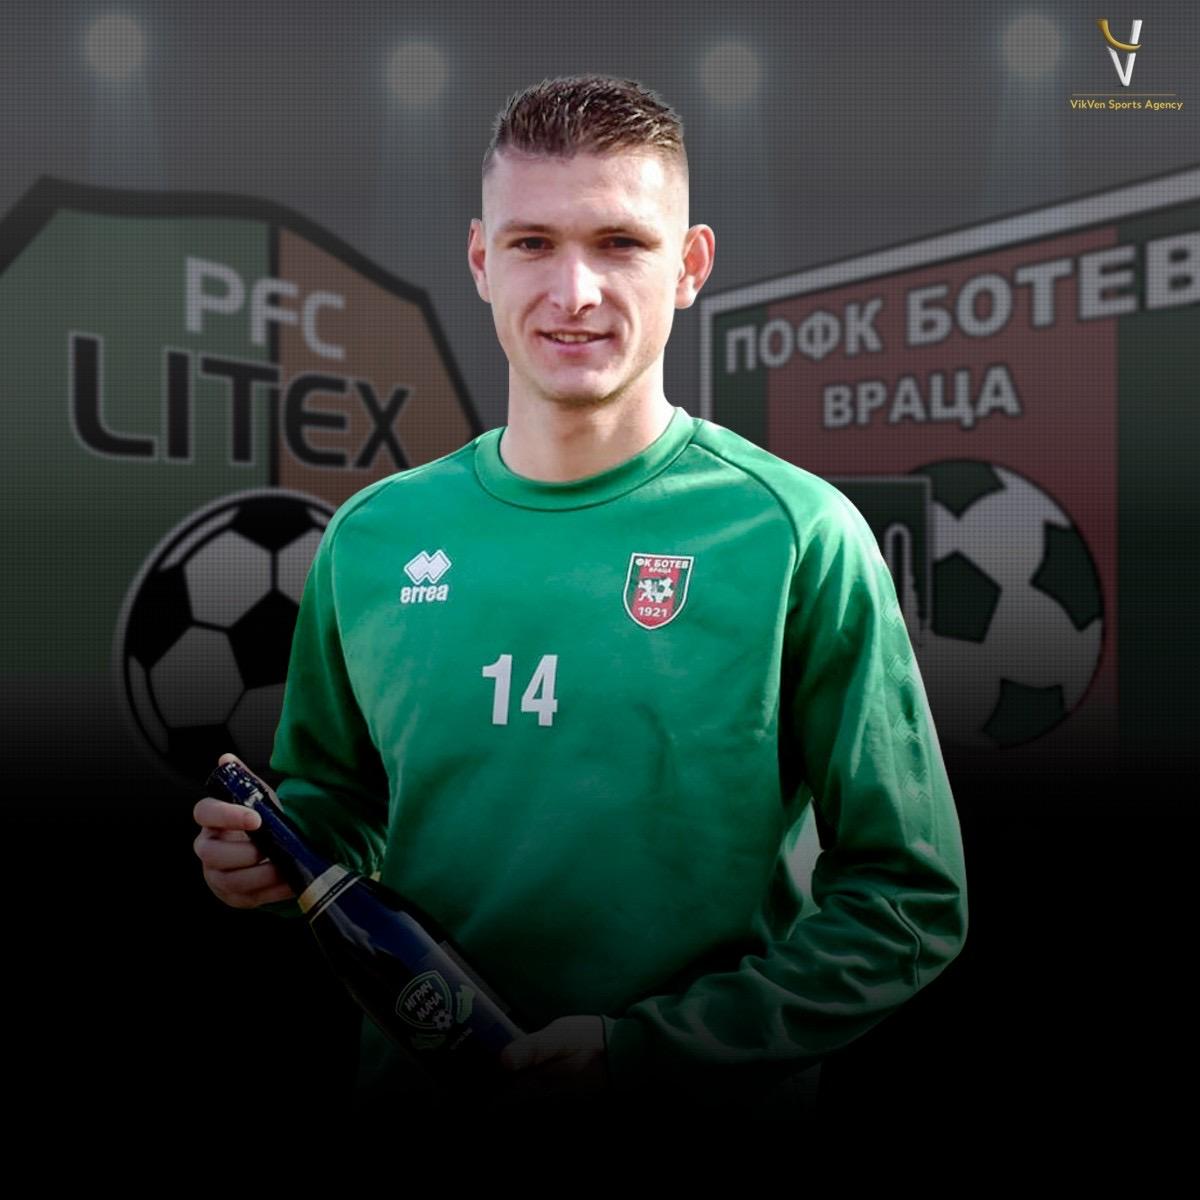 Petko Ganev